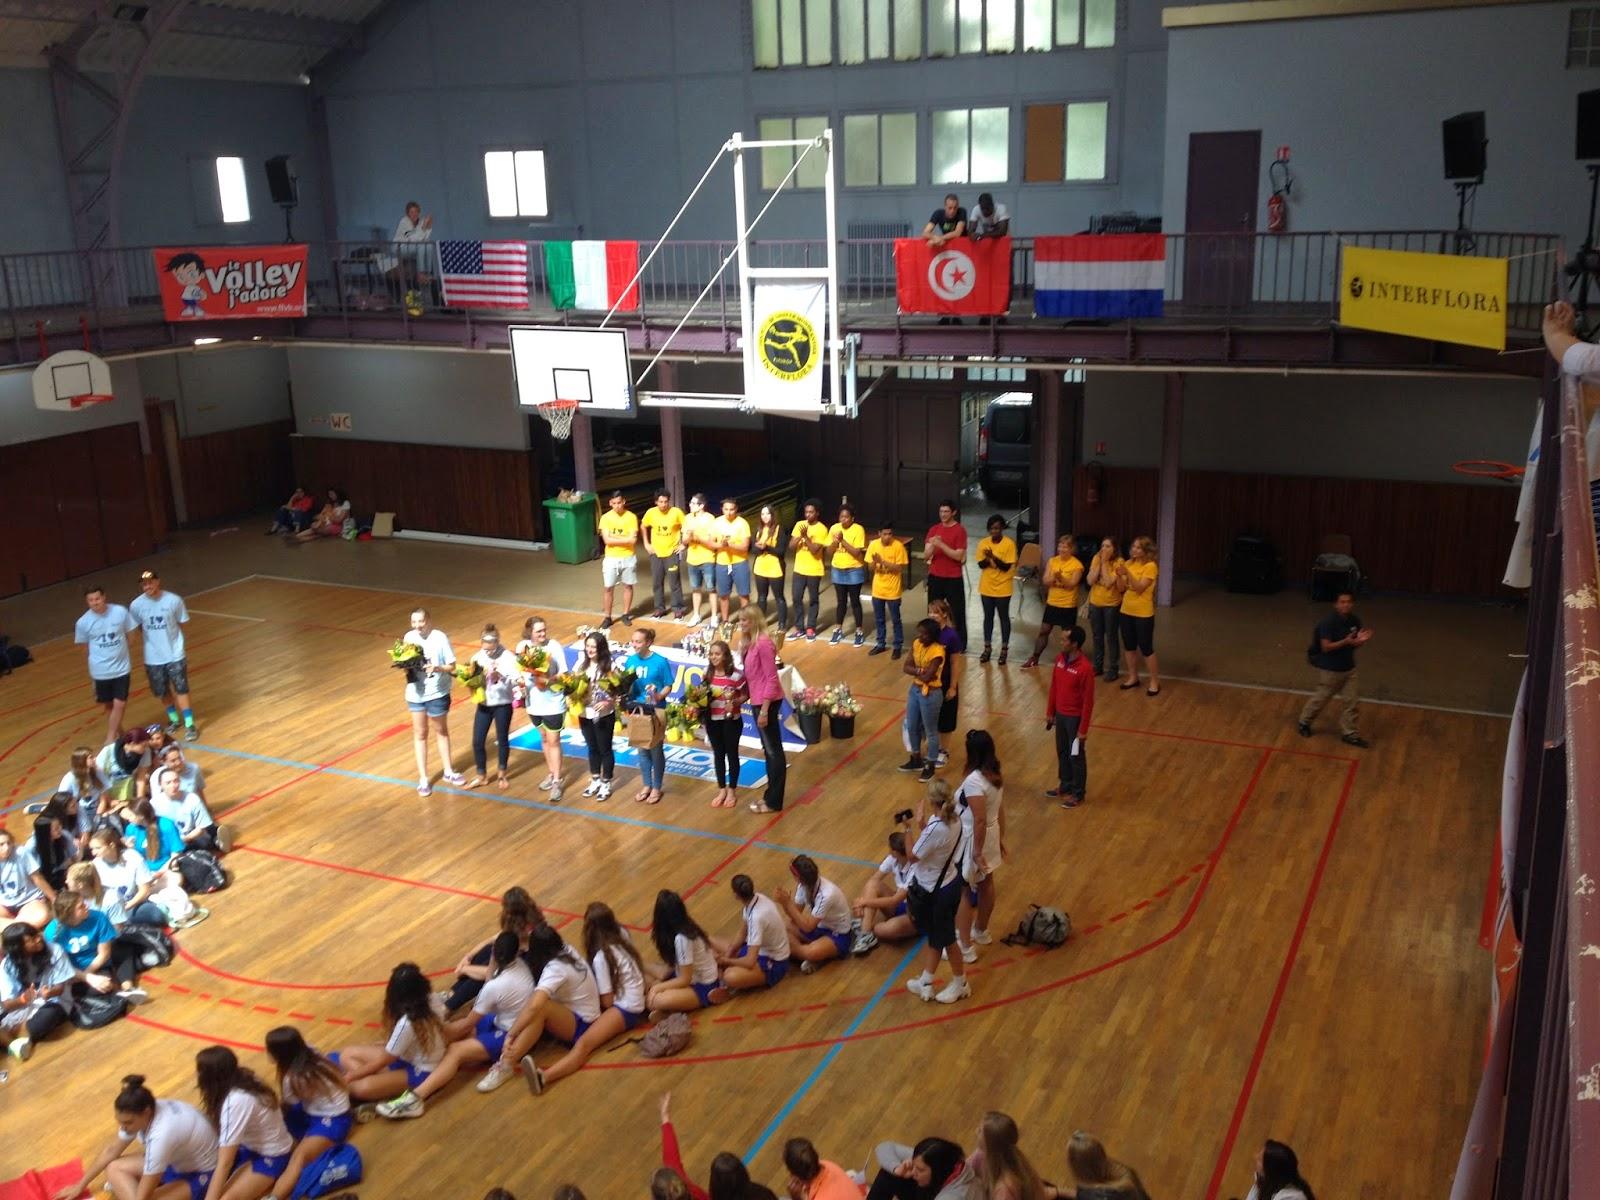 2014 london paris barcelona volleyball tour 2014 day 7 for Tour de barcelona a paris